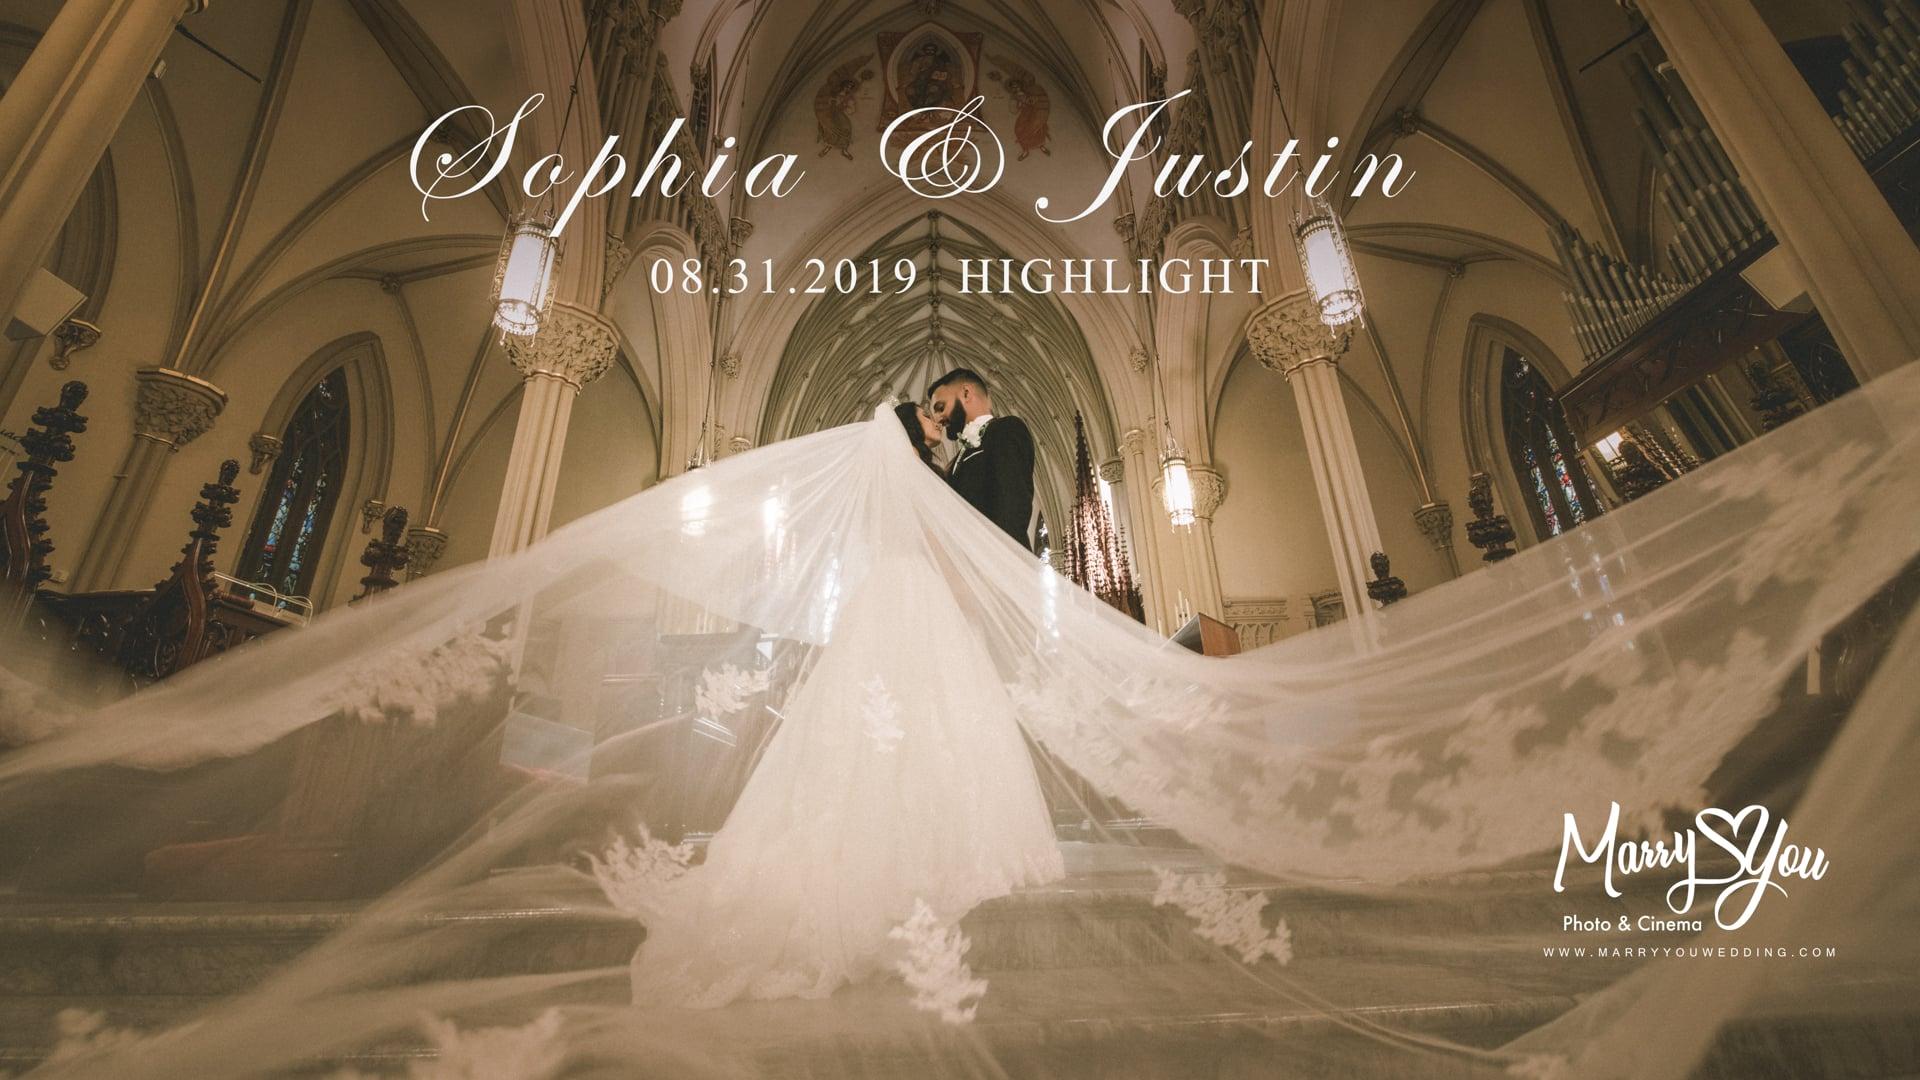 Sophia & Justin FD Highlight